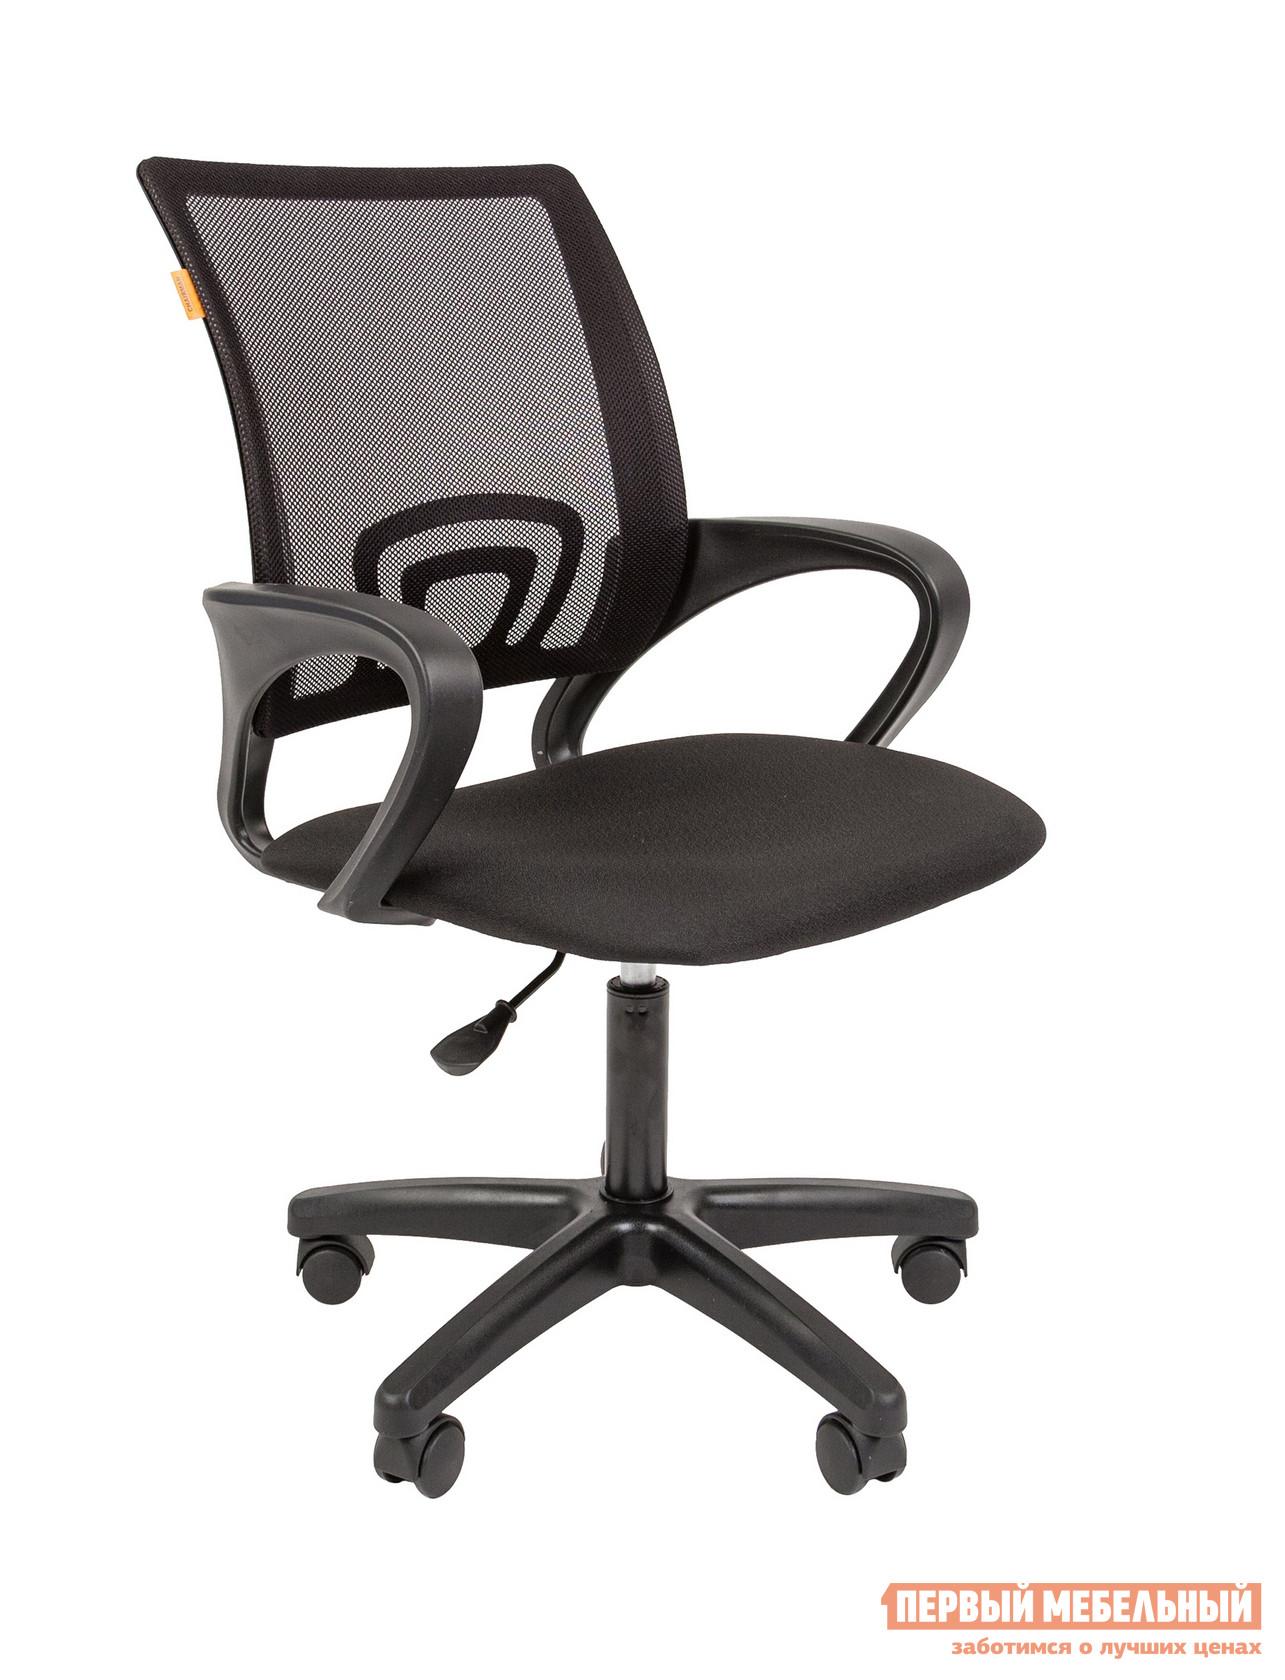 Офисное кресло Тайпит Офисное кресло Chairman 696 LT офисное